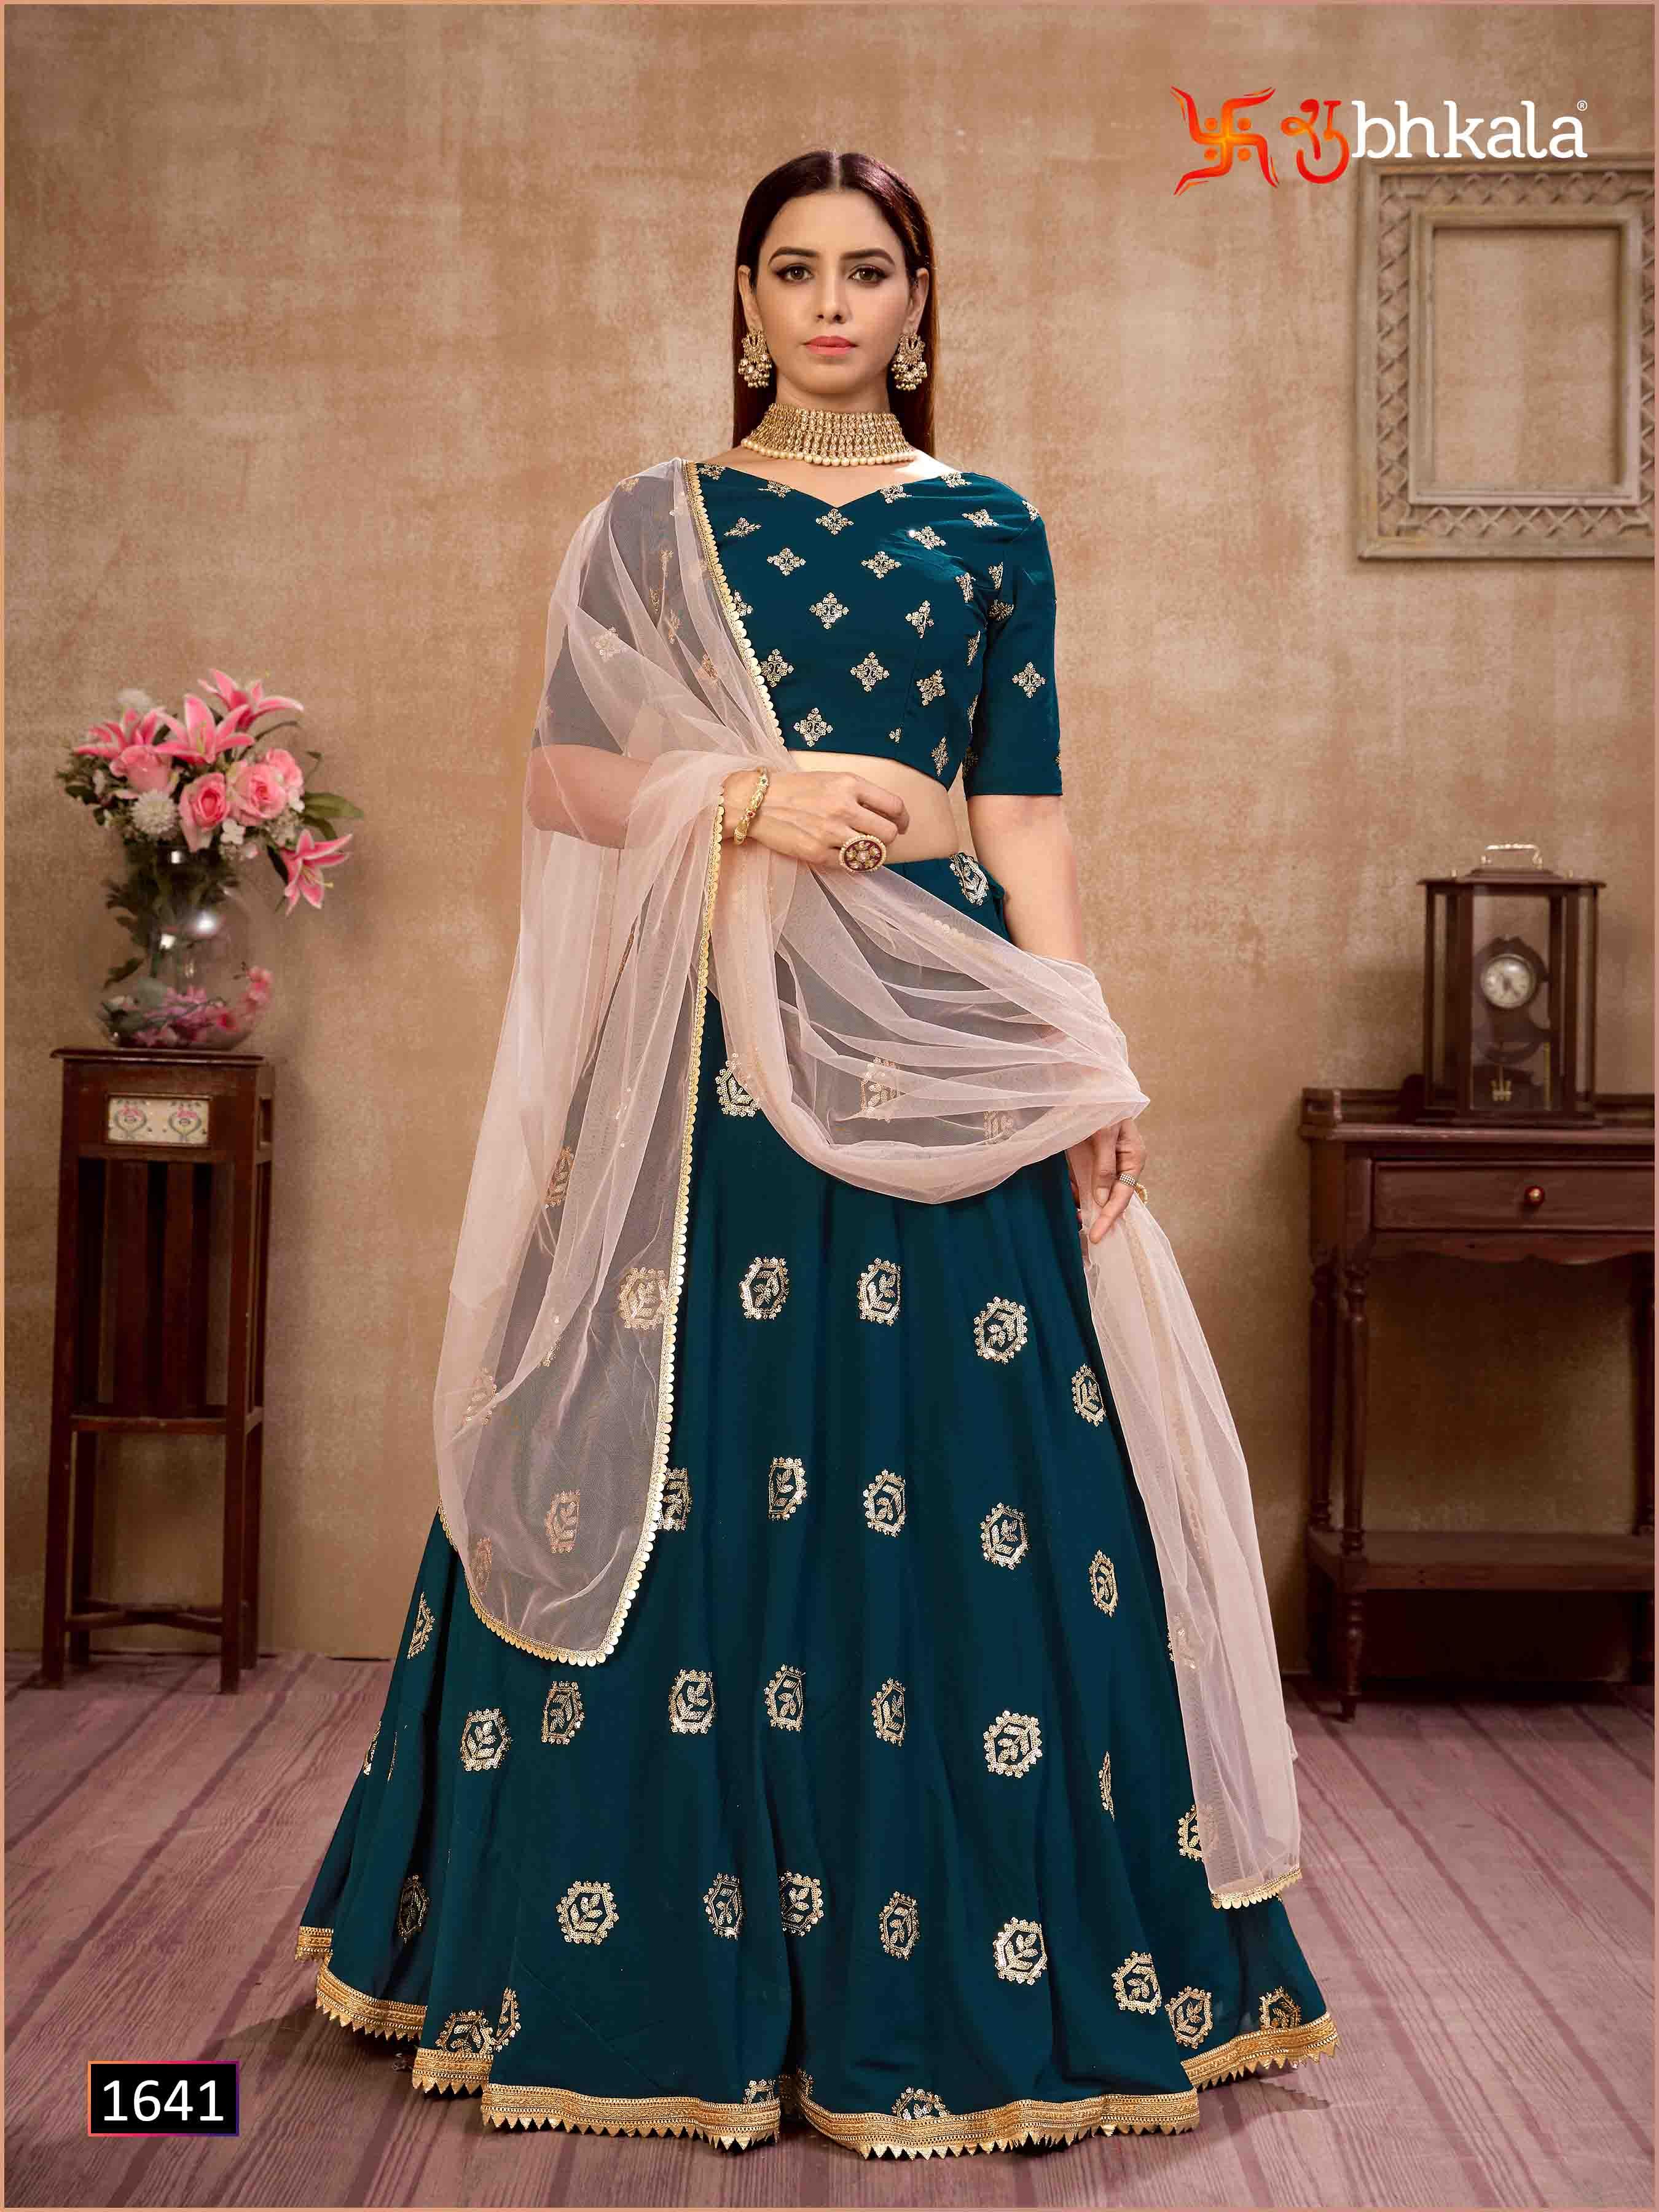 Kf Girly 1641  Buy Latest Designer Lehenga Choli